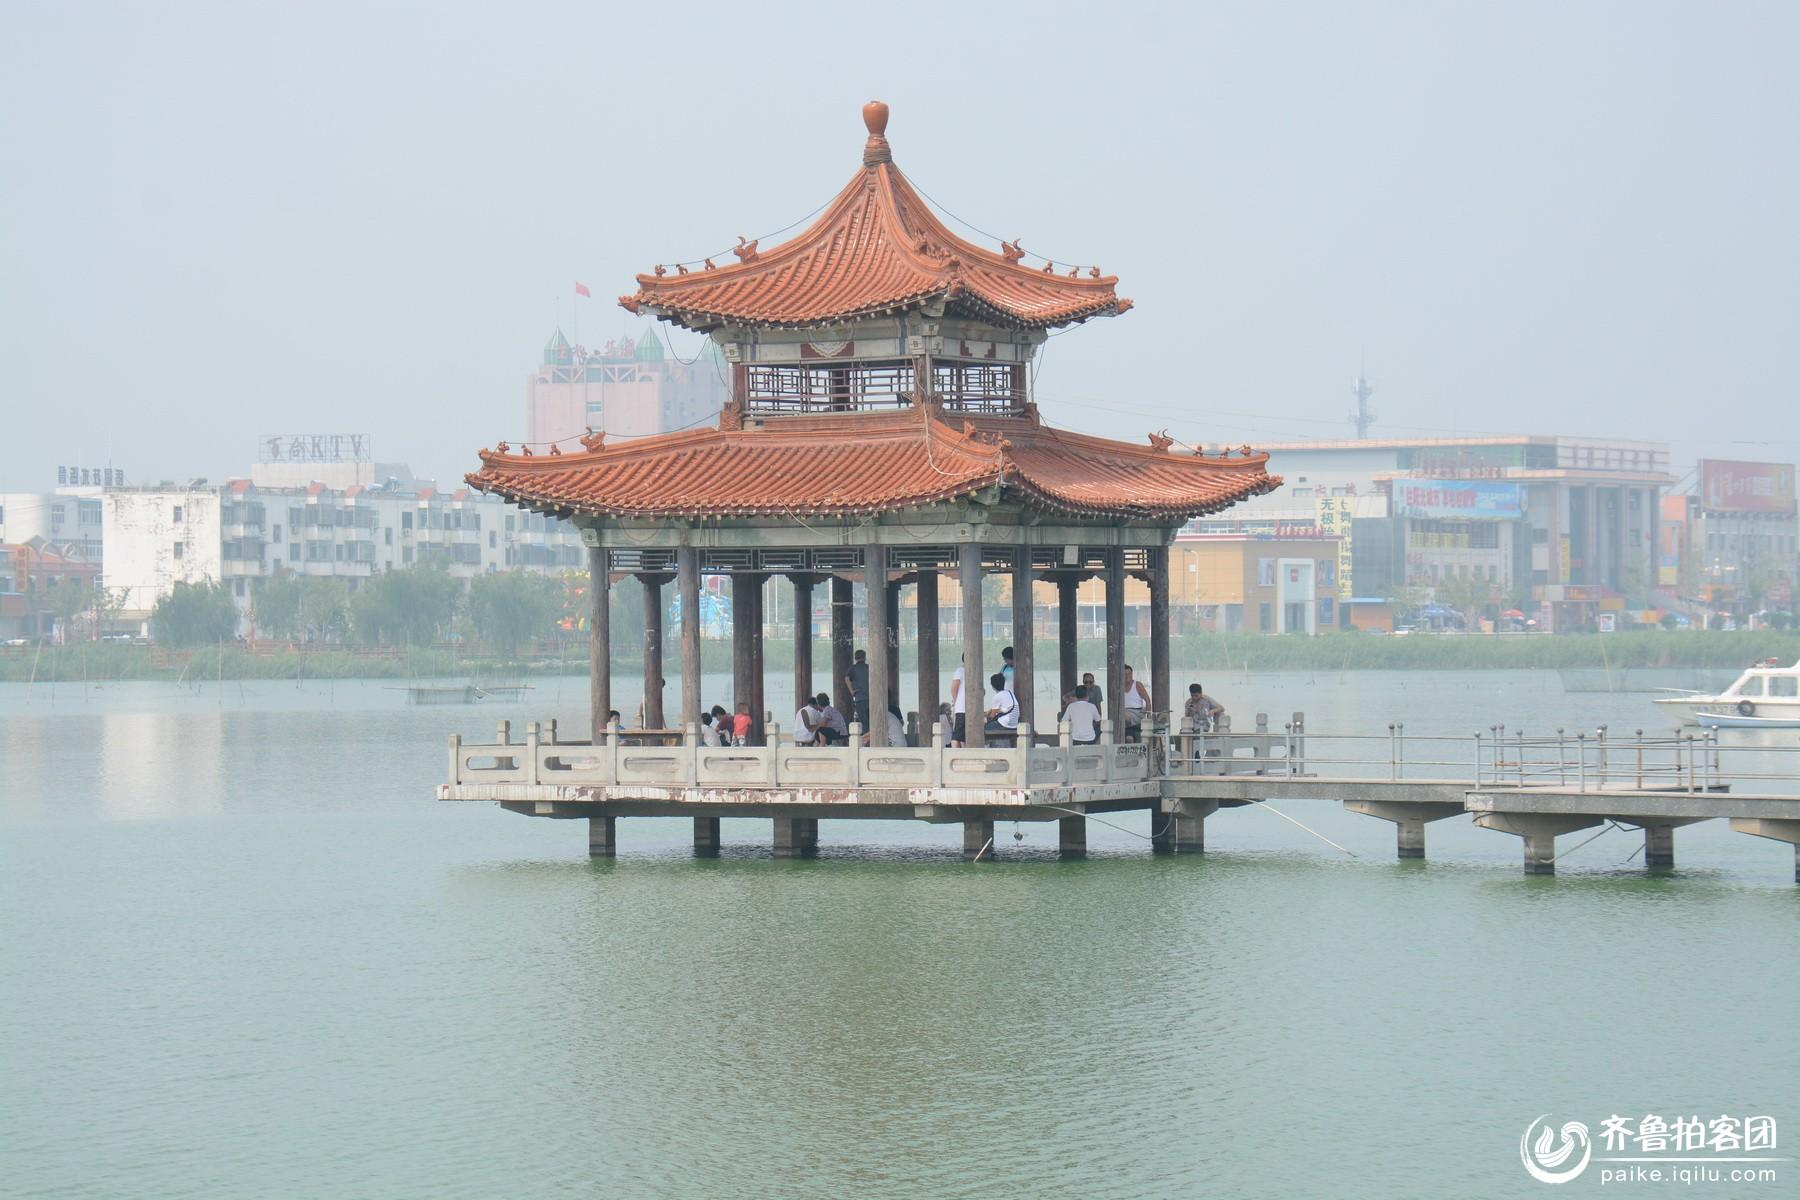 曹县风光 之一 - 菏泽拍客 - 齐鲁社区 - 山东最大的